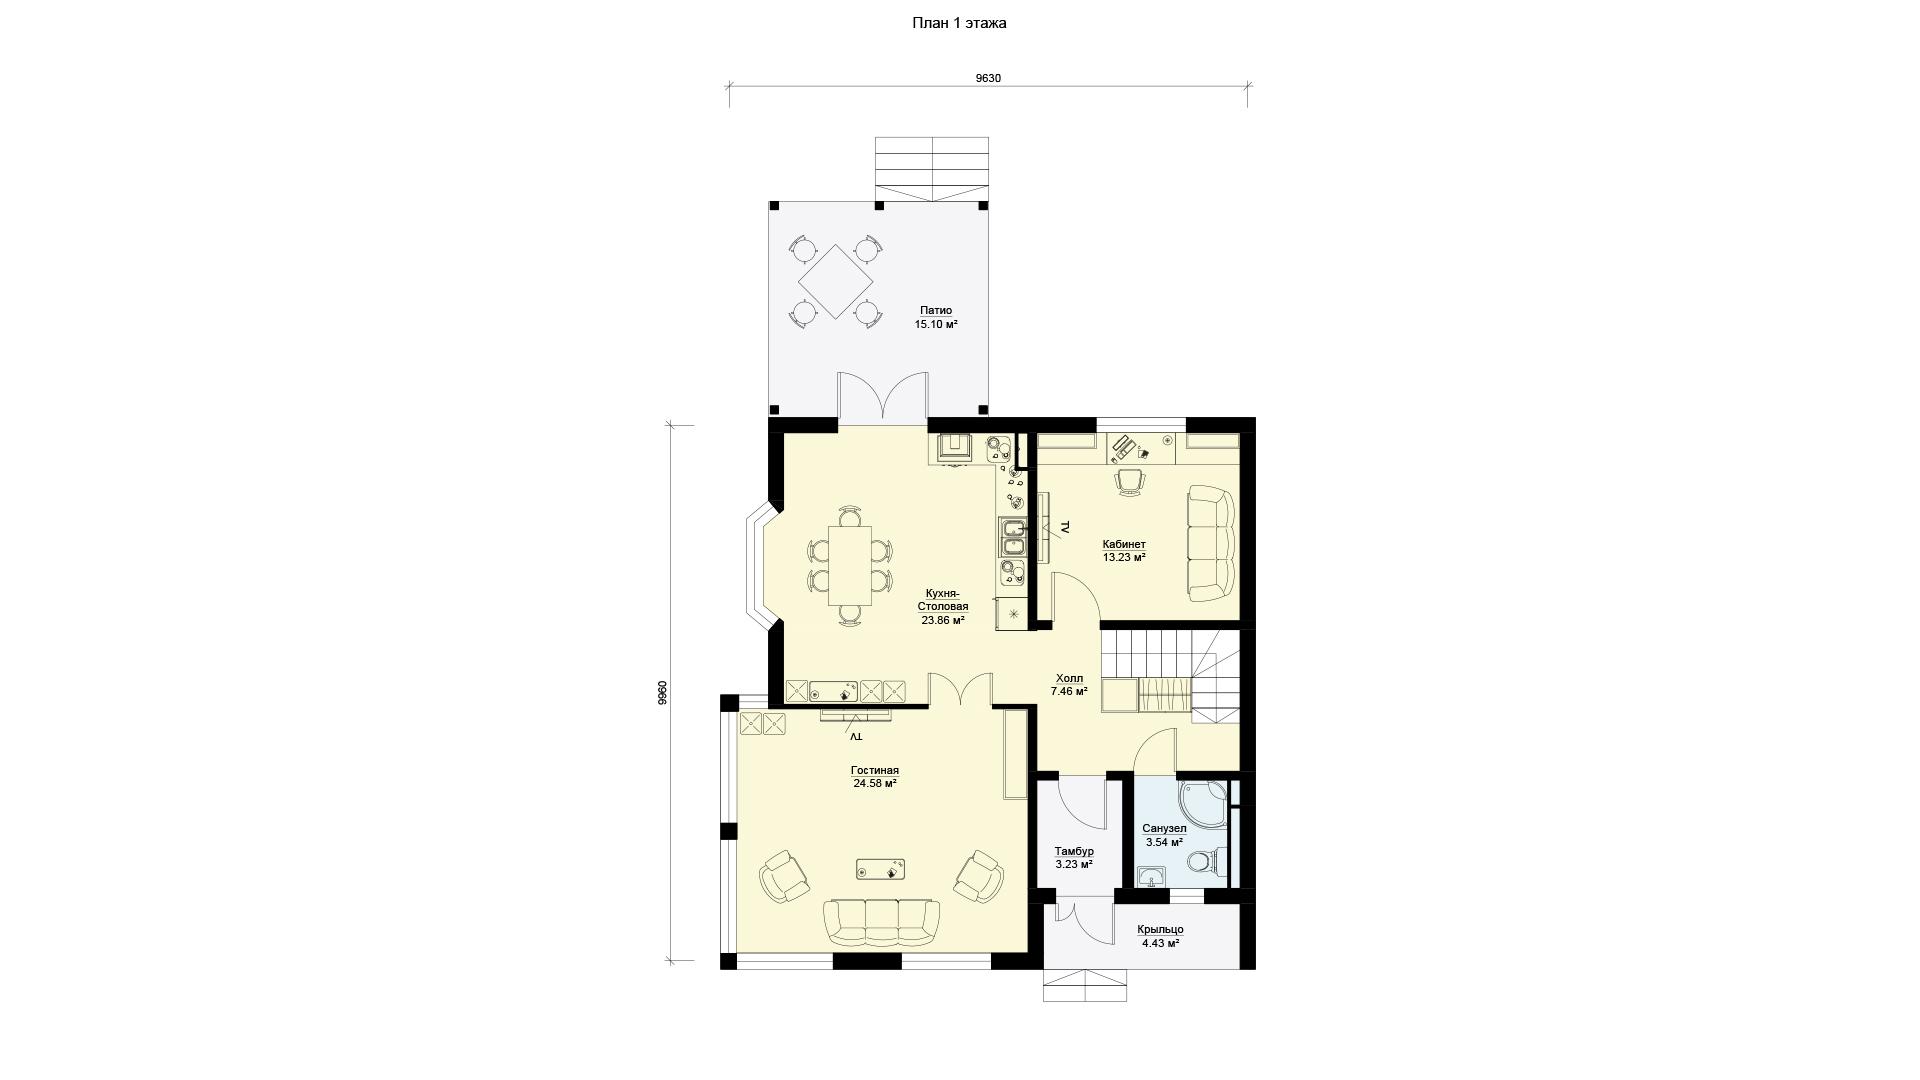 План первого этажа двухэтажного дома, проект БЭНПАН МС-160.